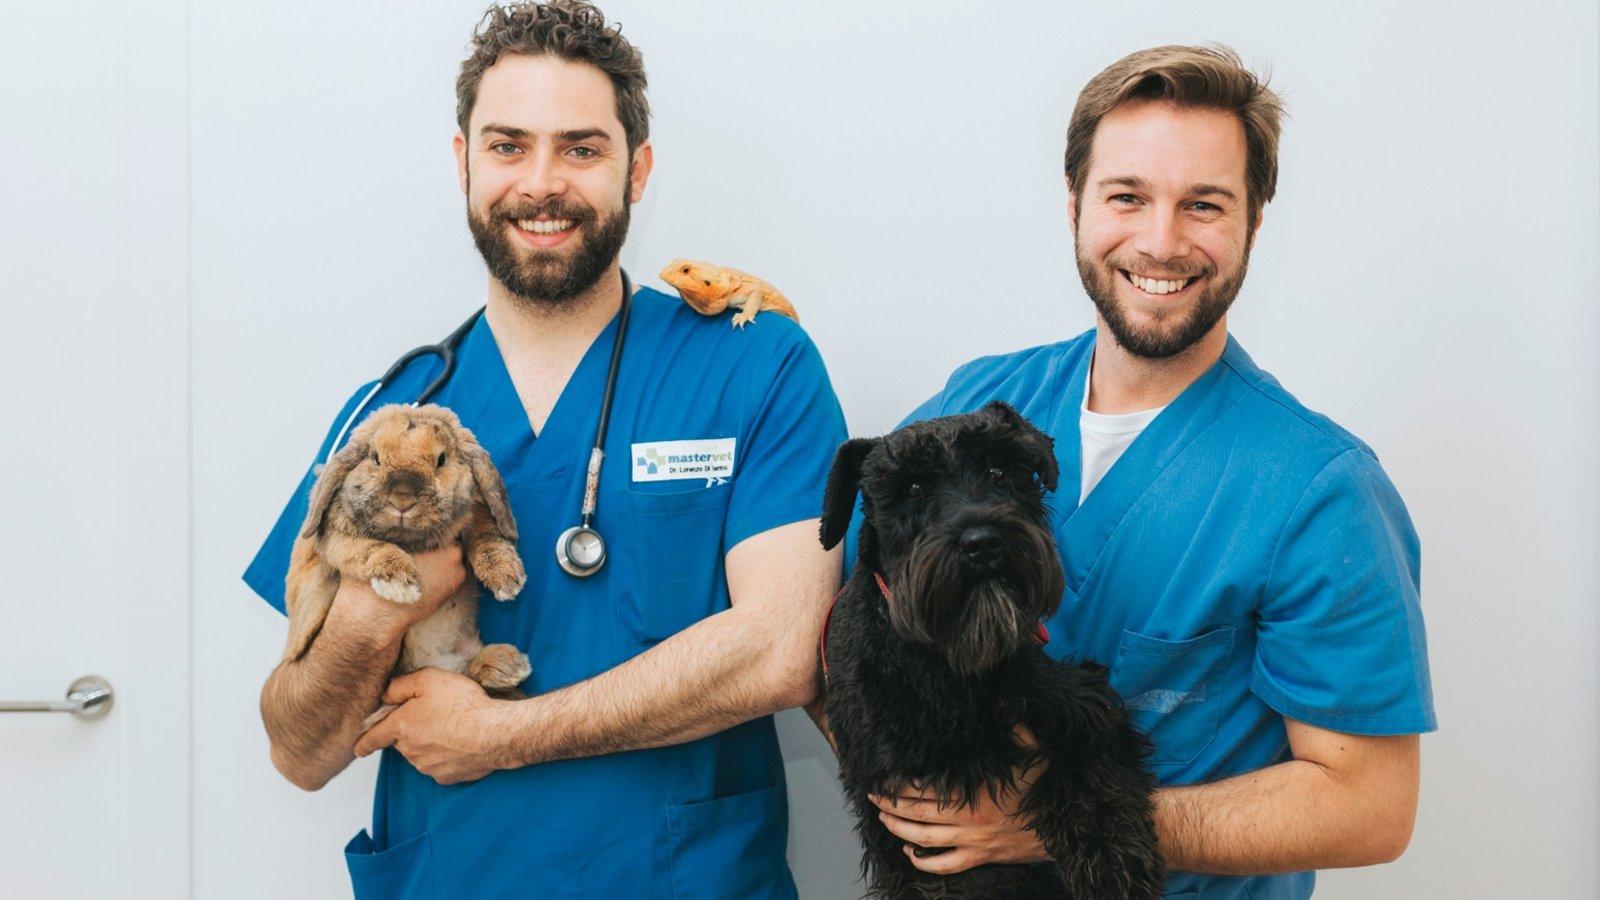 Formación veterinaria hay muchas, pero ninguna como la nuestra.  El mundo de la veterinaria nunca estuvo tan cerca de ti.